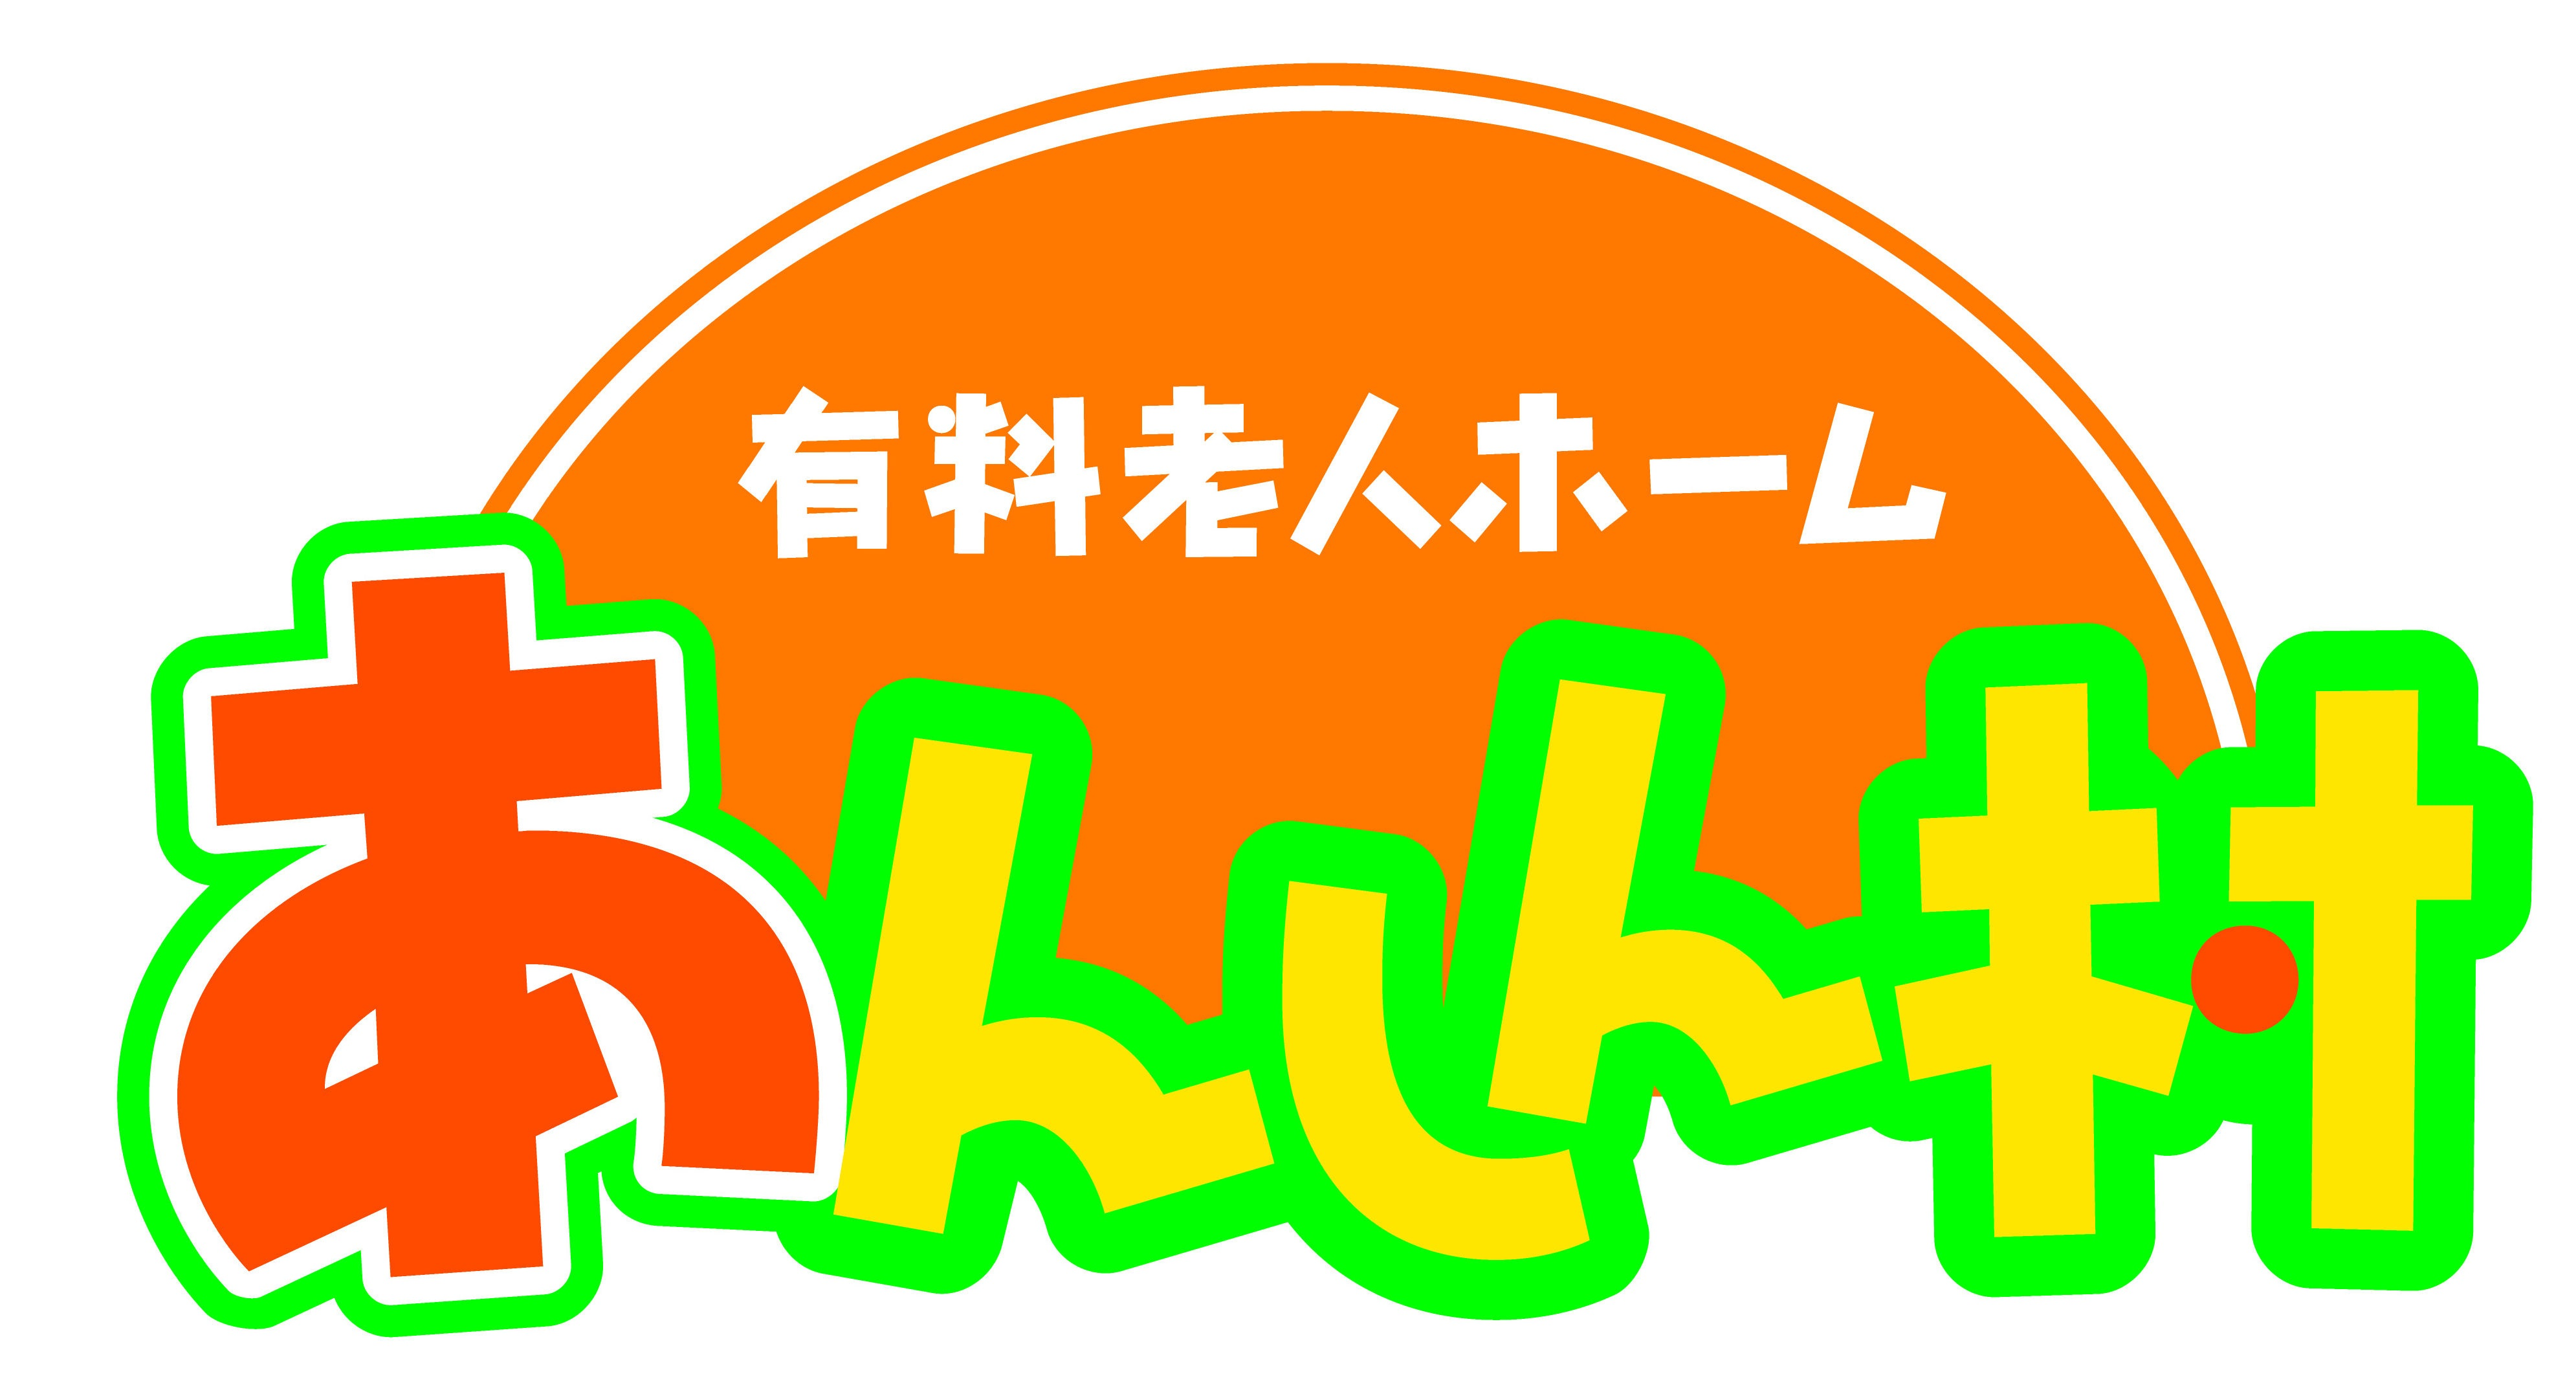 ふくいみらい社は福井市北四ツ居で、終身介護付・カフェ付有料老人ホームあんしん村と、お子様連れOKカフェあんのん、車いすOKあんしん村介護タクシーを運営しています。